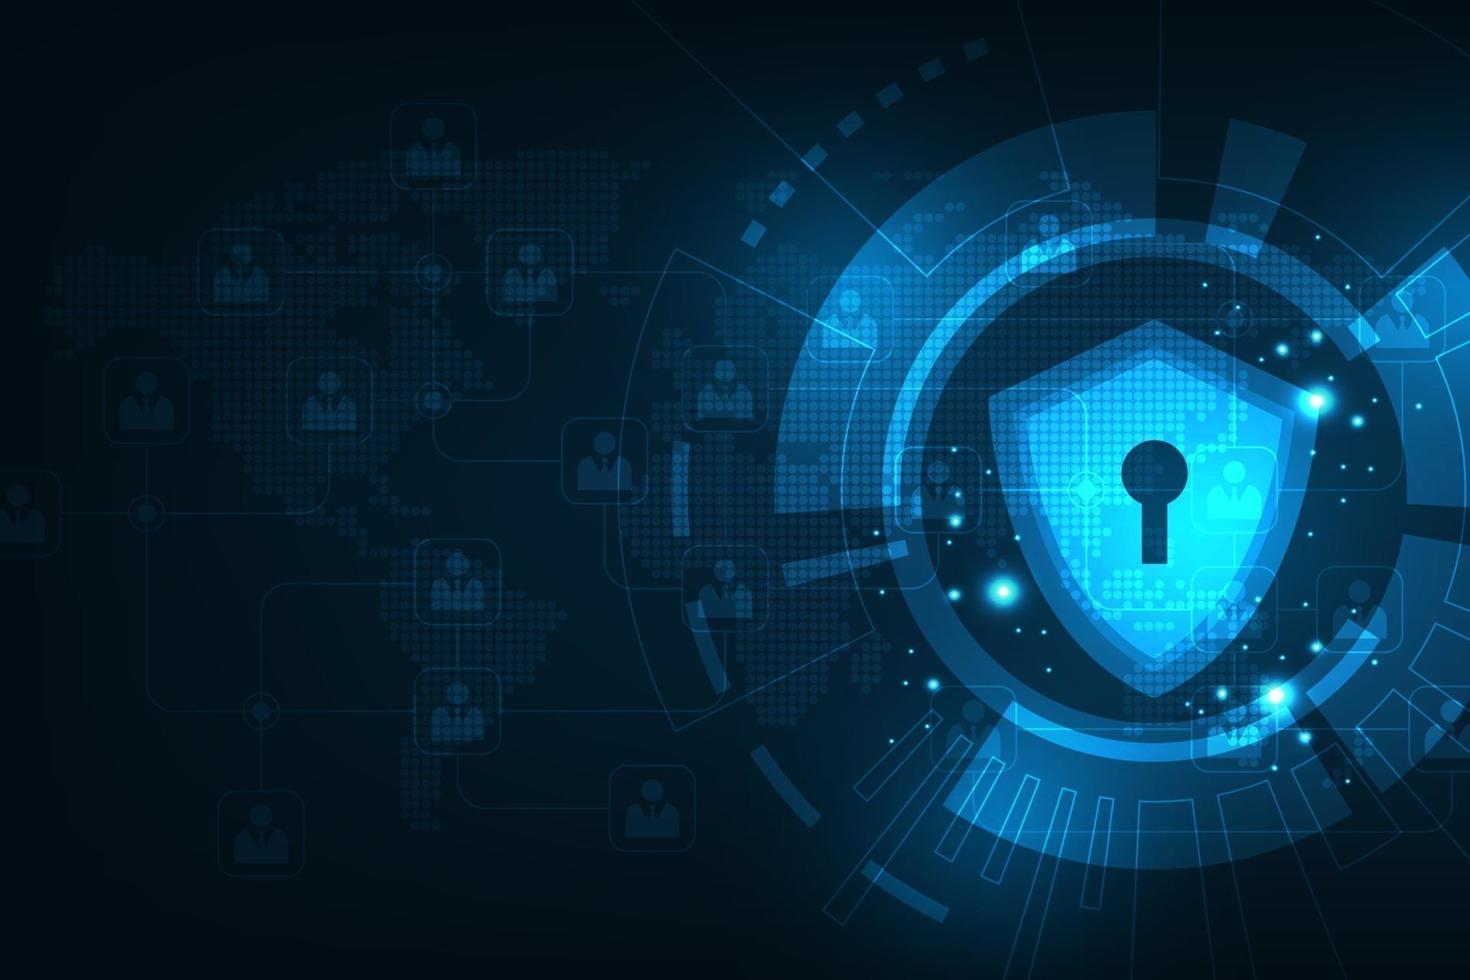 vectortechnologische achtergrond in het concept van beveiligingssystemen. vector